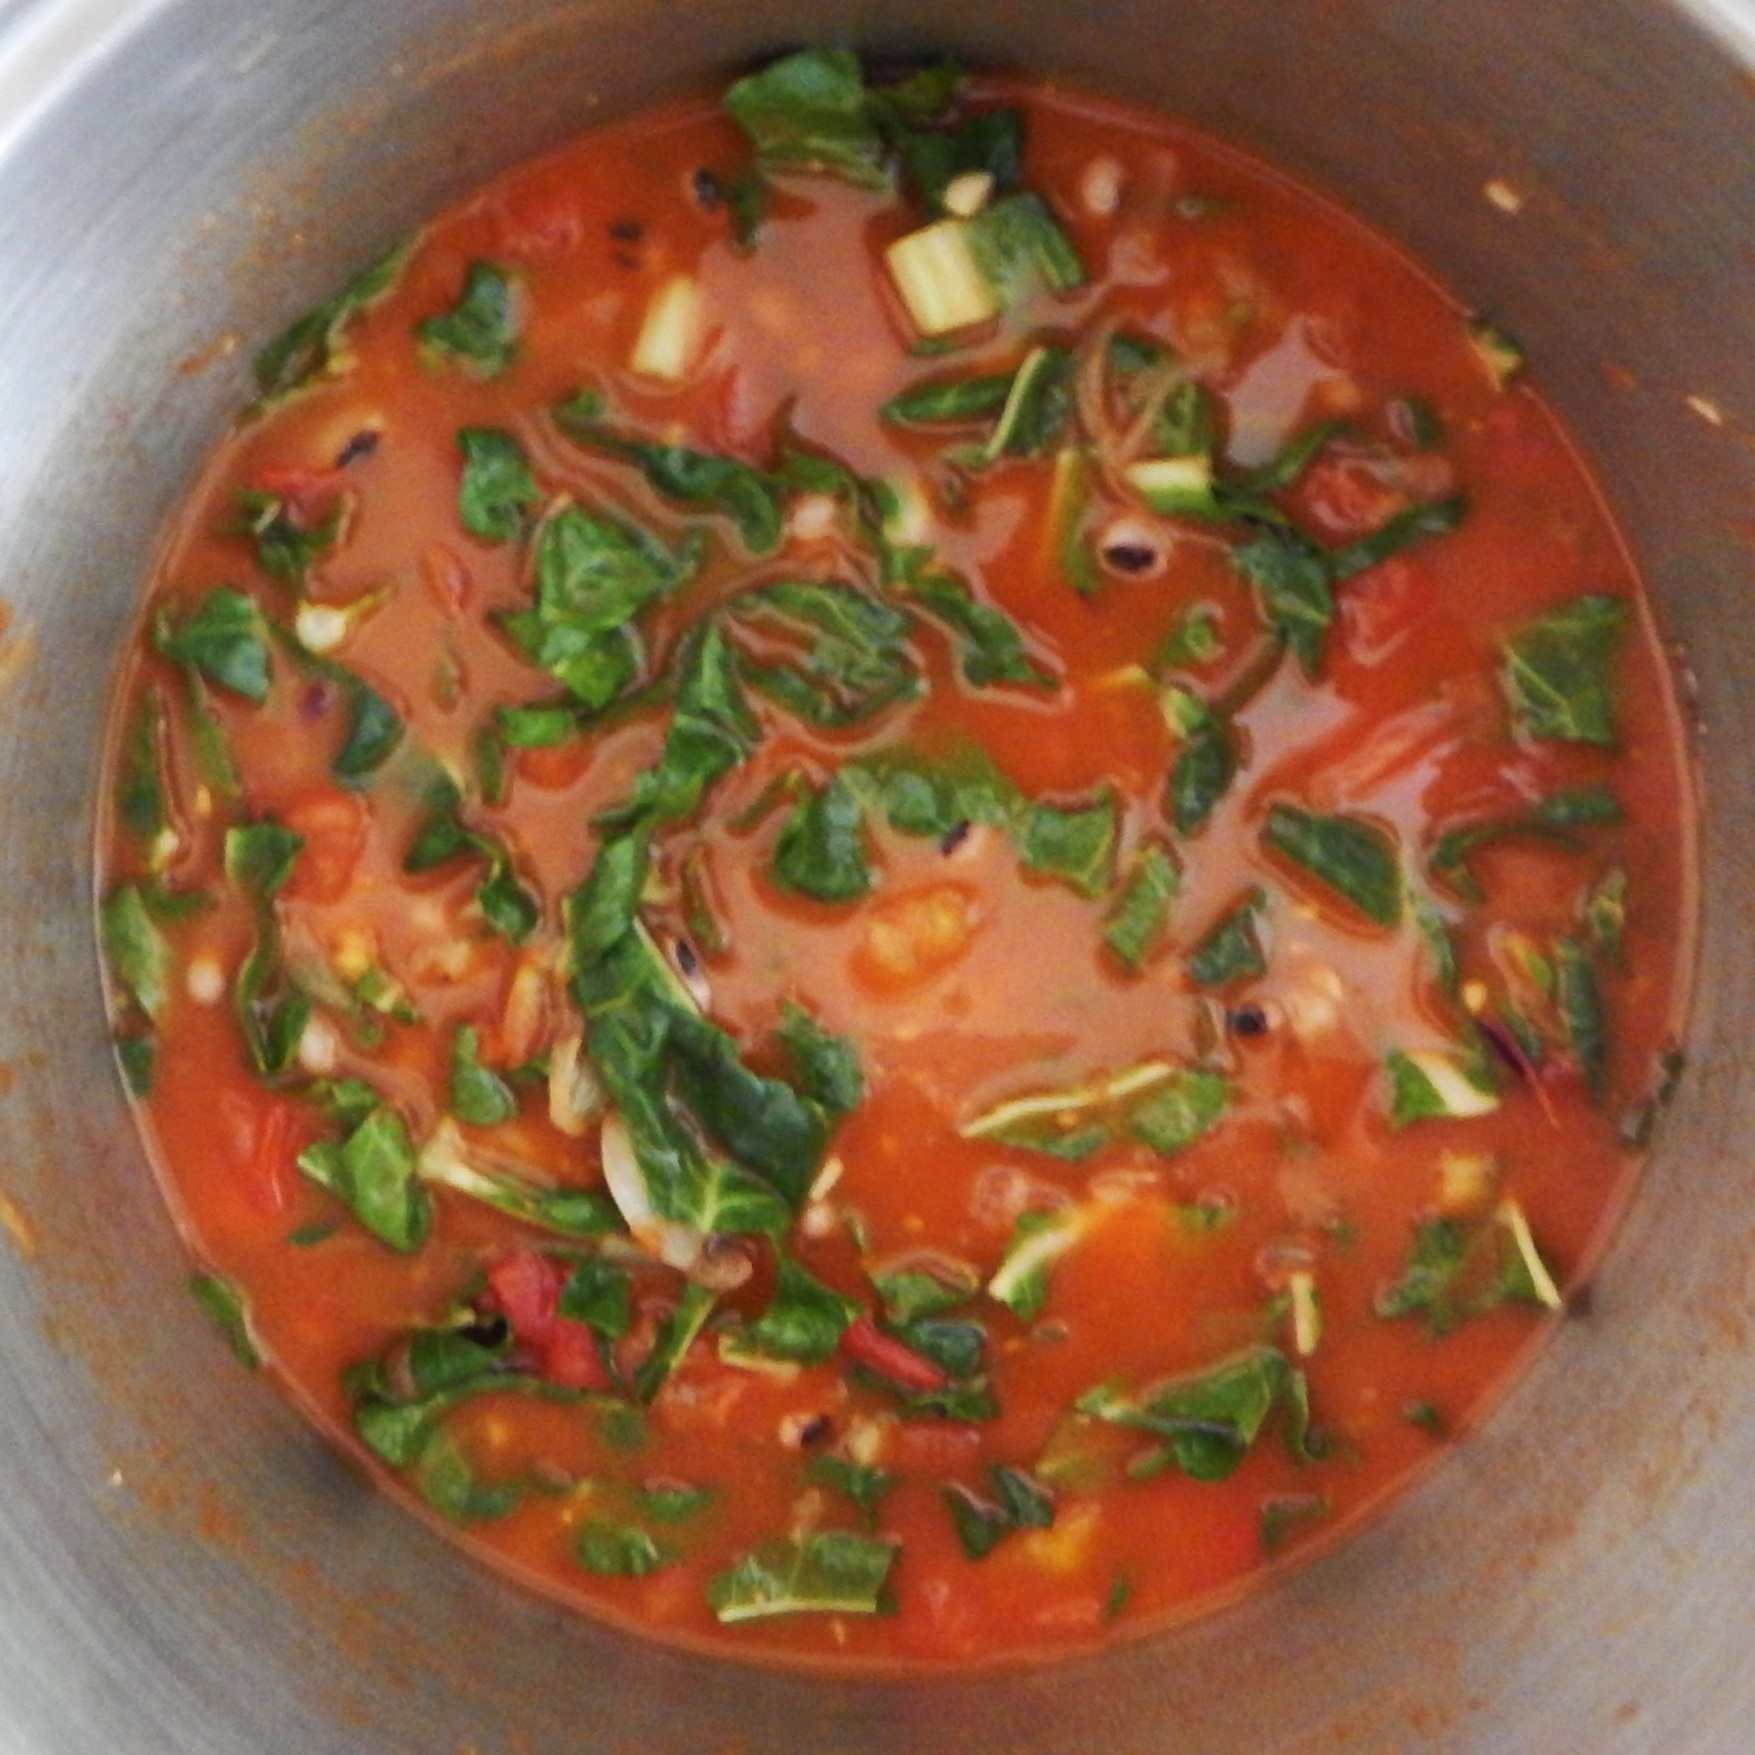 Tomatoe3_7_22.jpg